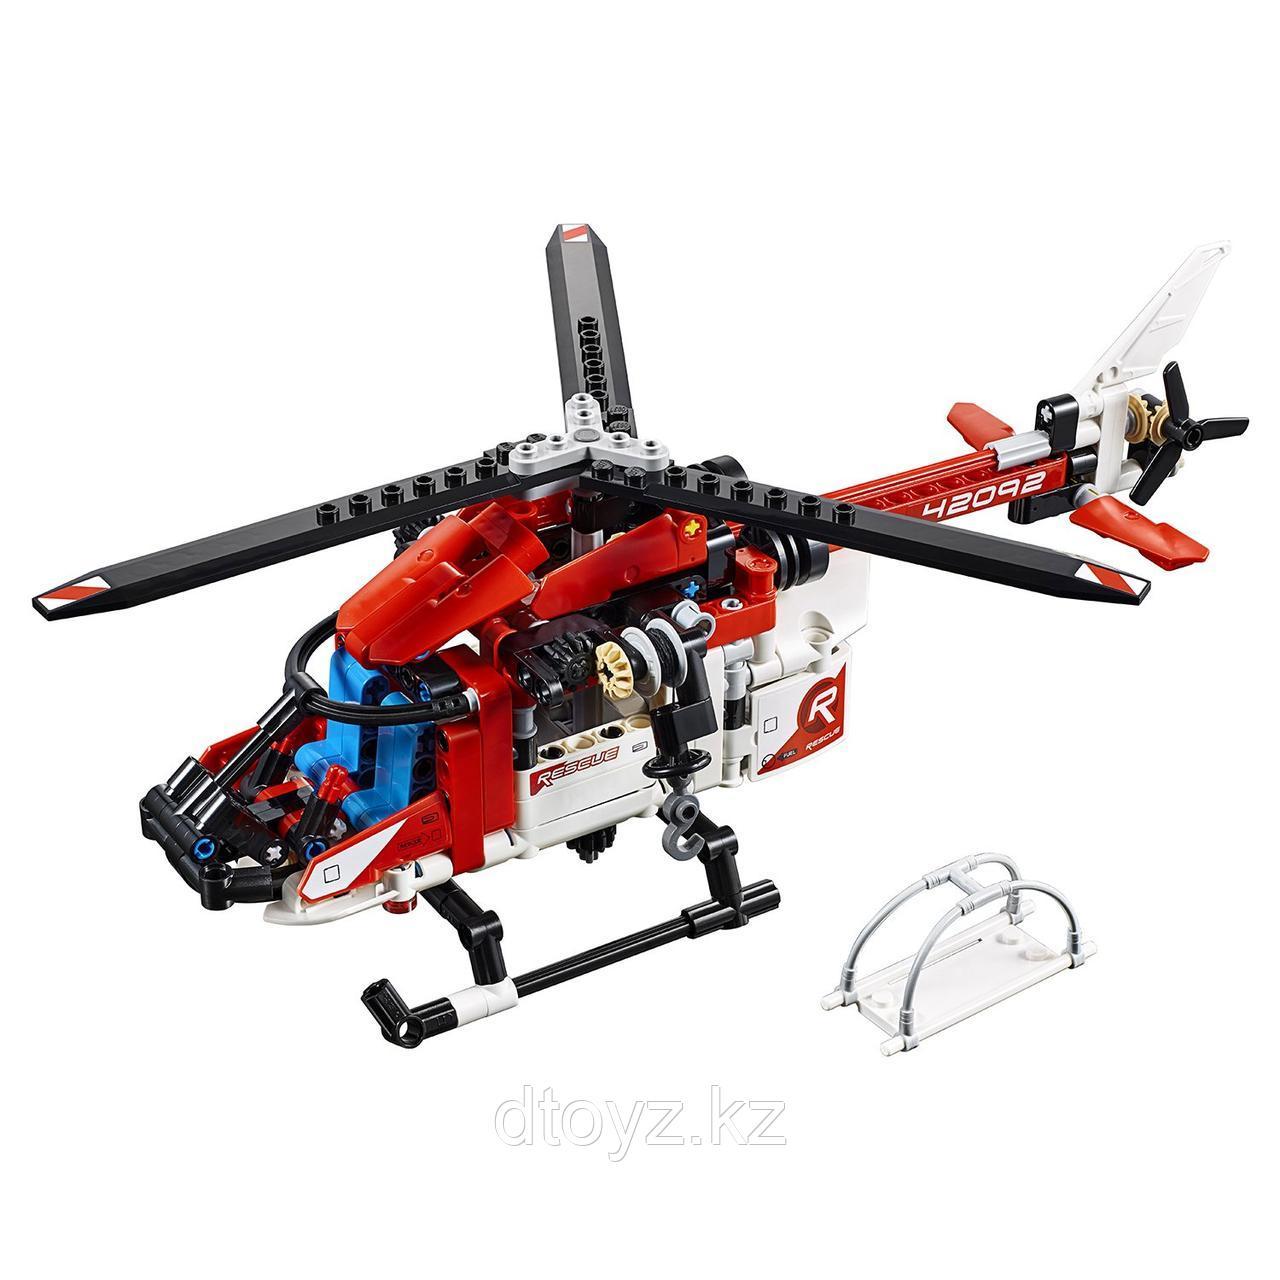 Lego Technic 42092 Спасательный вертолёт, Лего Техник - фото 3